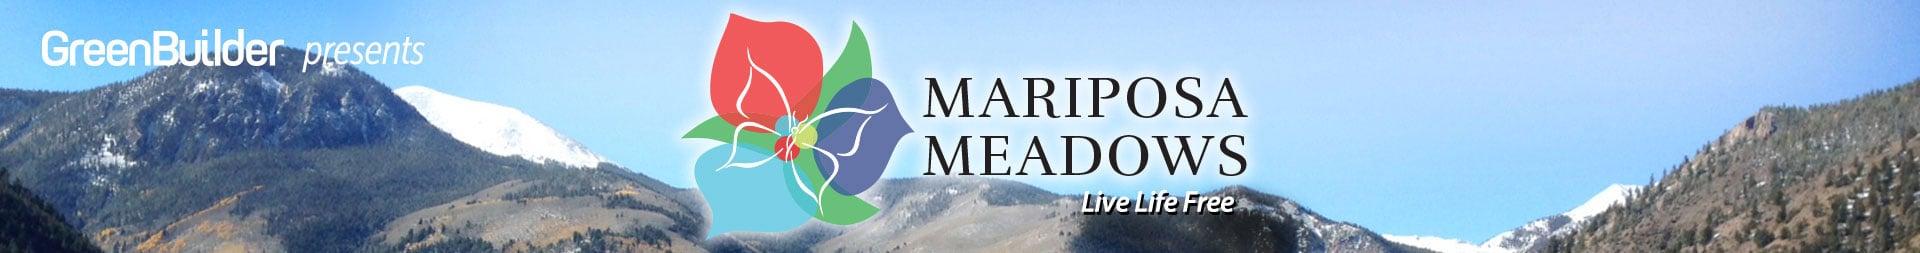 VH-Mariposa_Meadows-banner.jpg